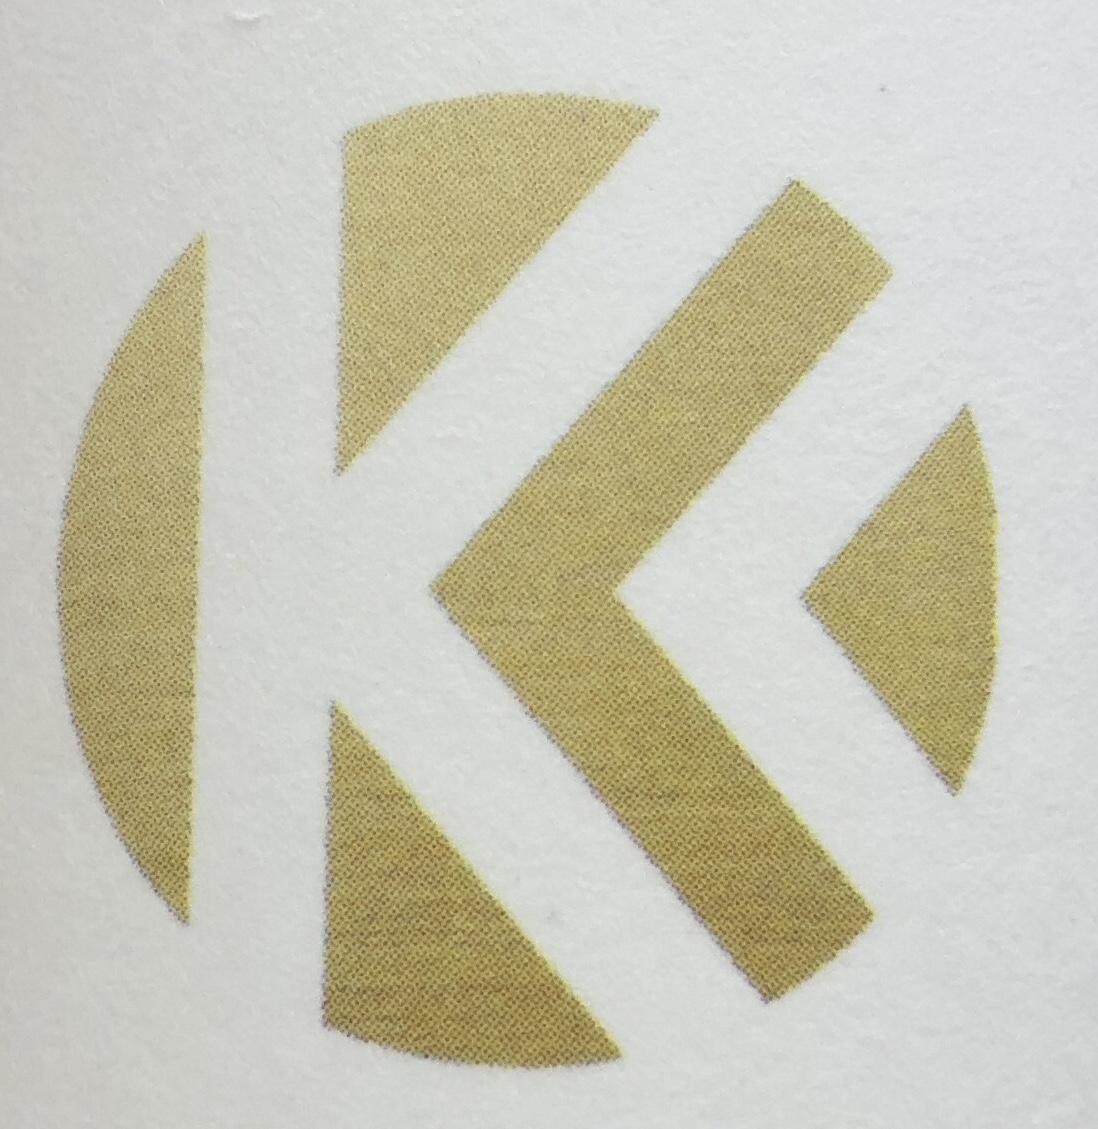 重慶卡萊絲網絡信息咨詢有限公司_聯英人才網_hrm.cn